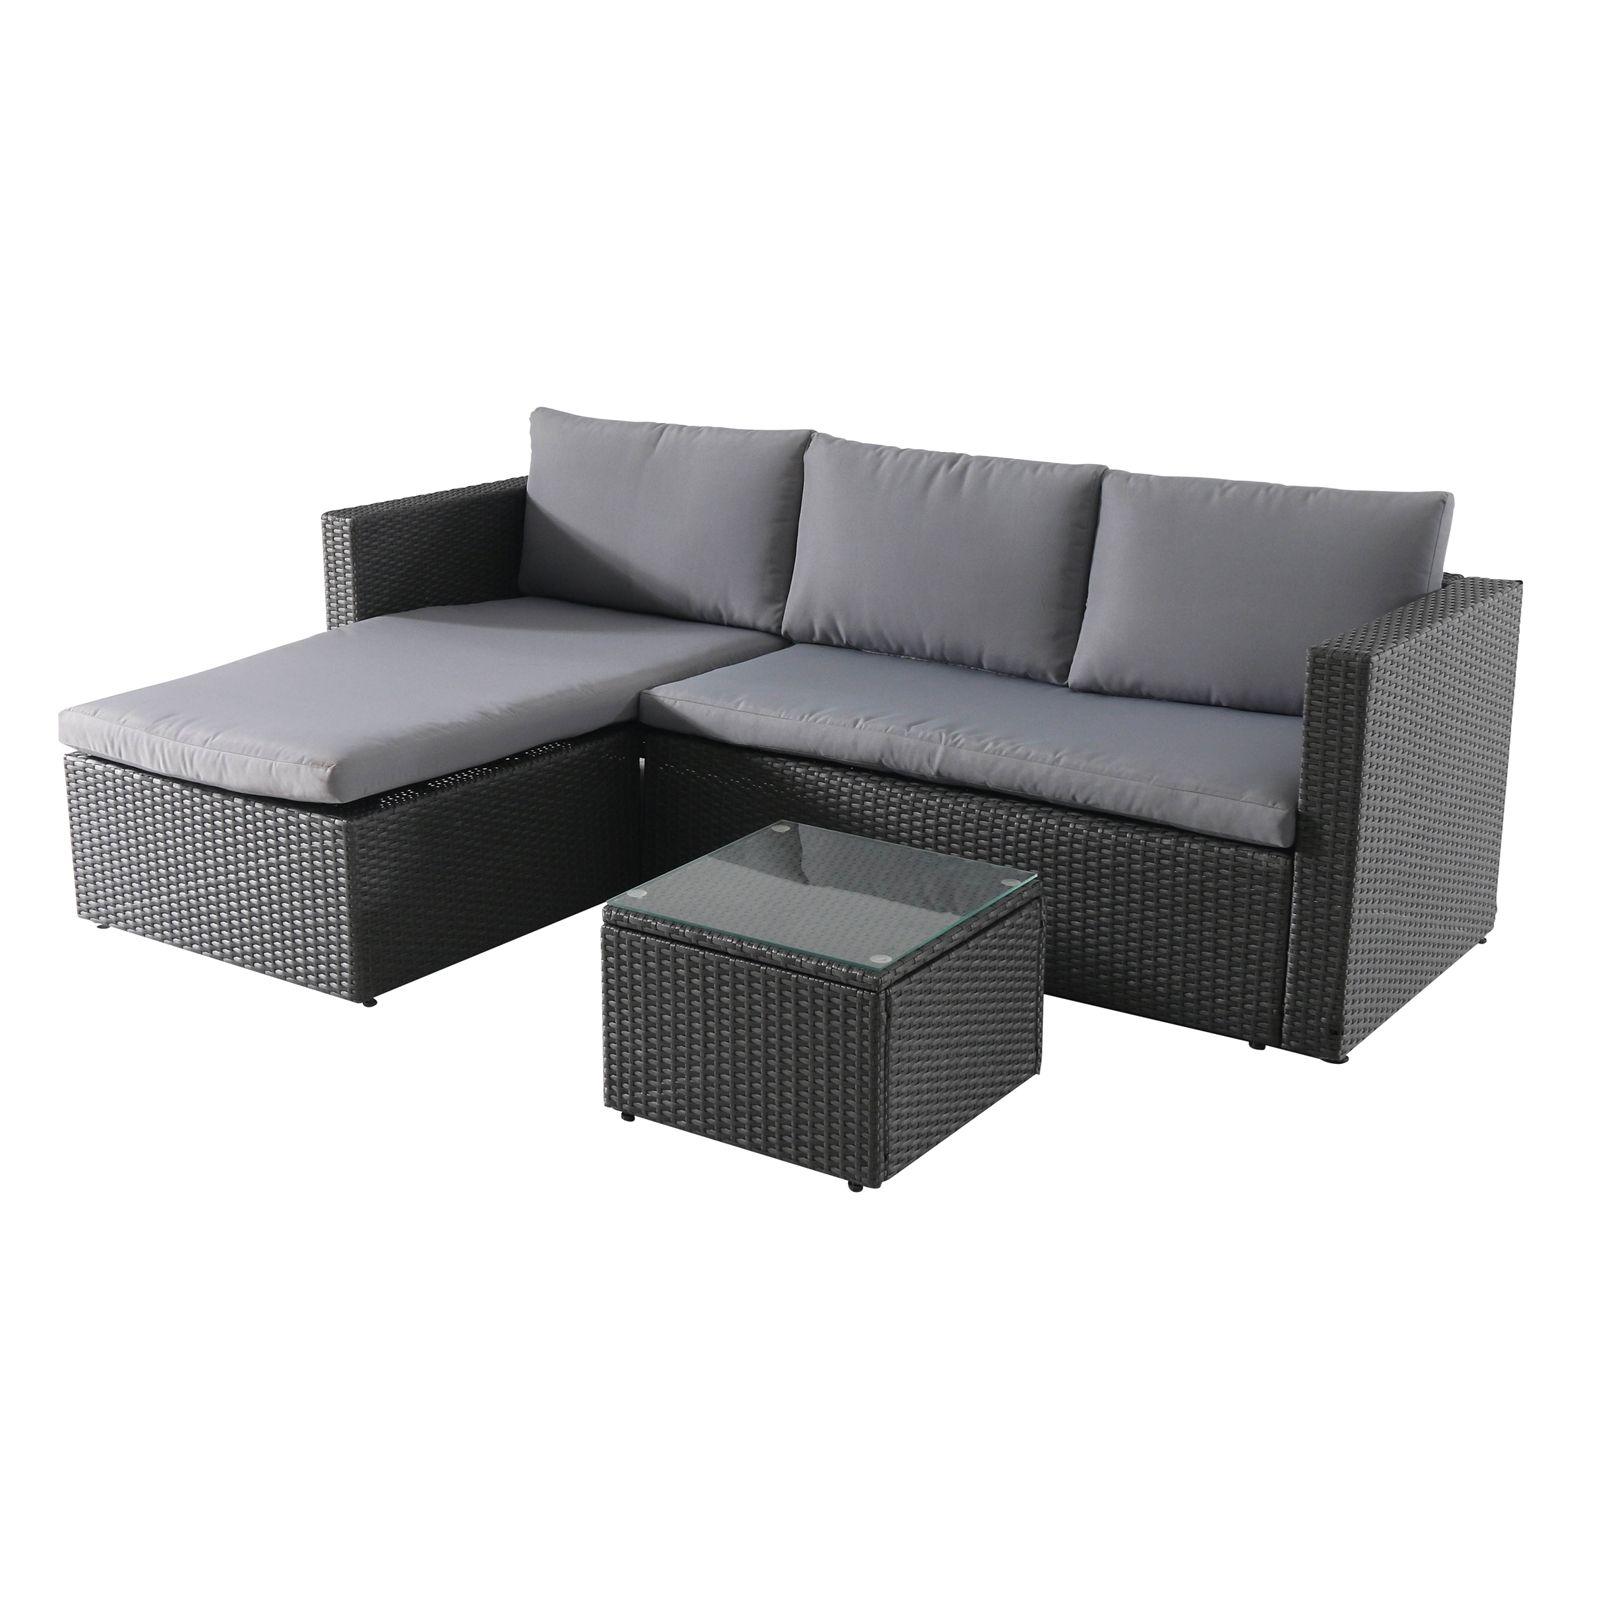 Alexandria Rattan Effect 3 Seater Corner Garden Sofa Set £200 @ Homebase